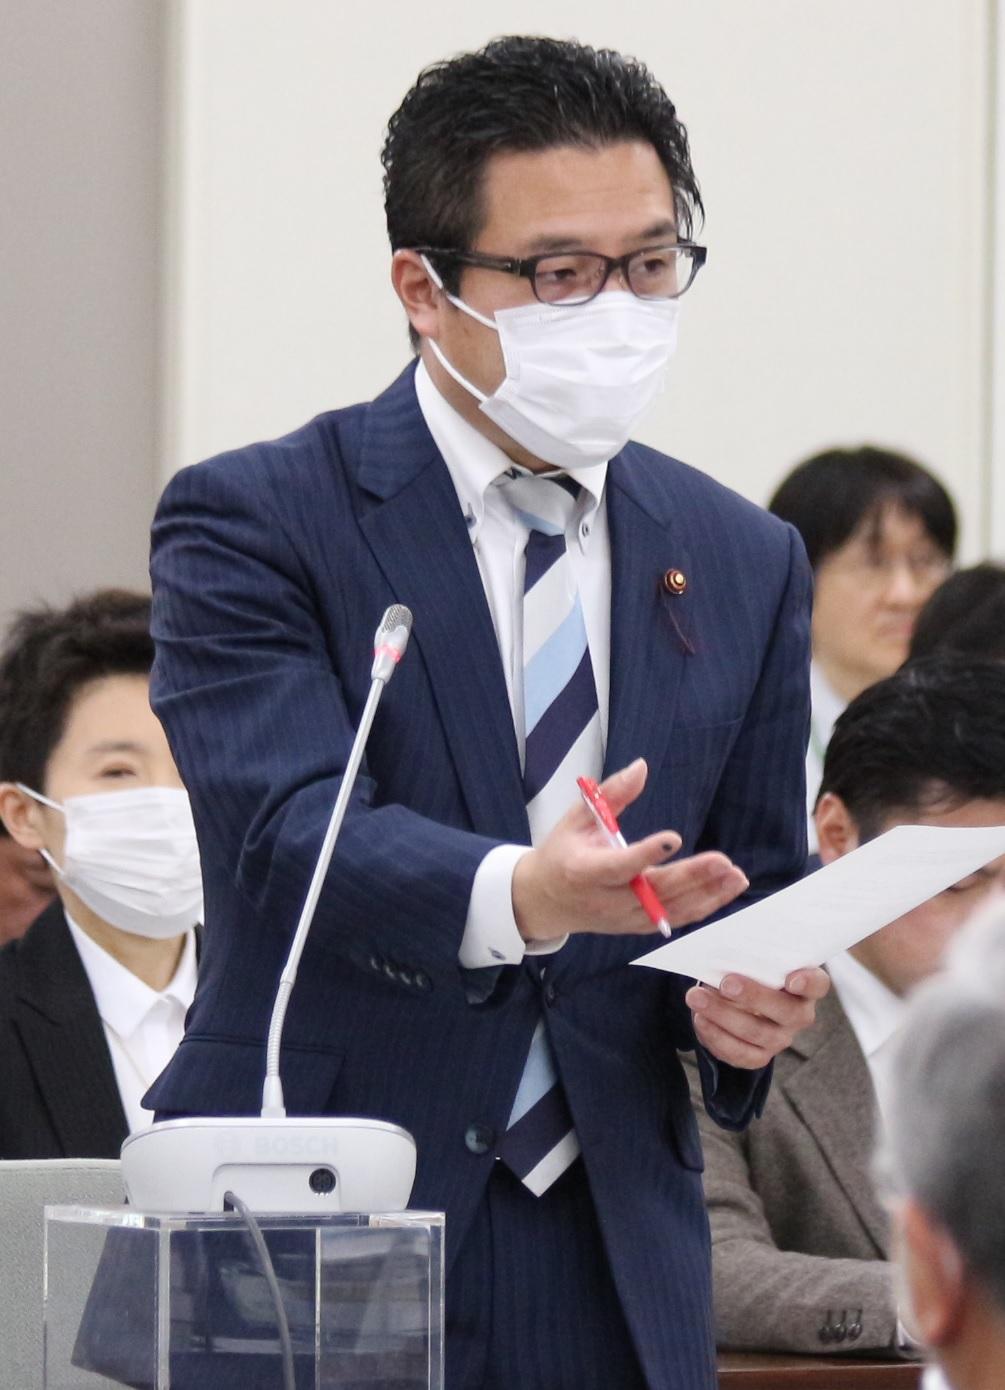 http://yamadakohei.jp/blog_upfile/%E3%82%B3%E3%83%AD%E3%83%8A%E8%B3%AA%E7%96%91.jpg